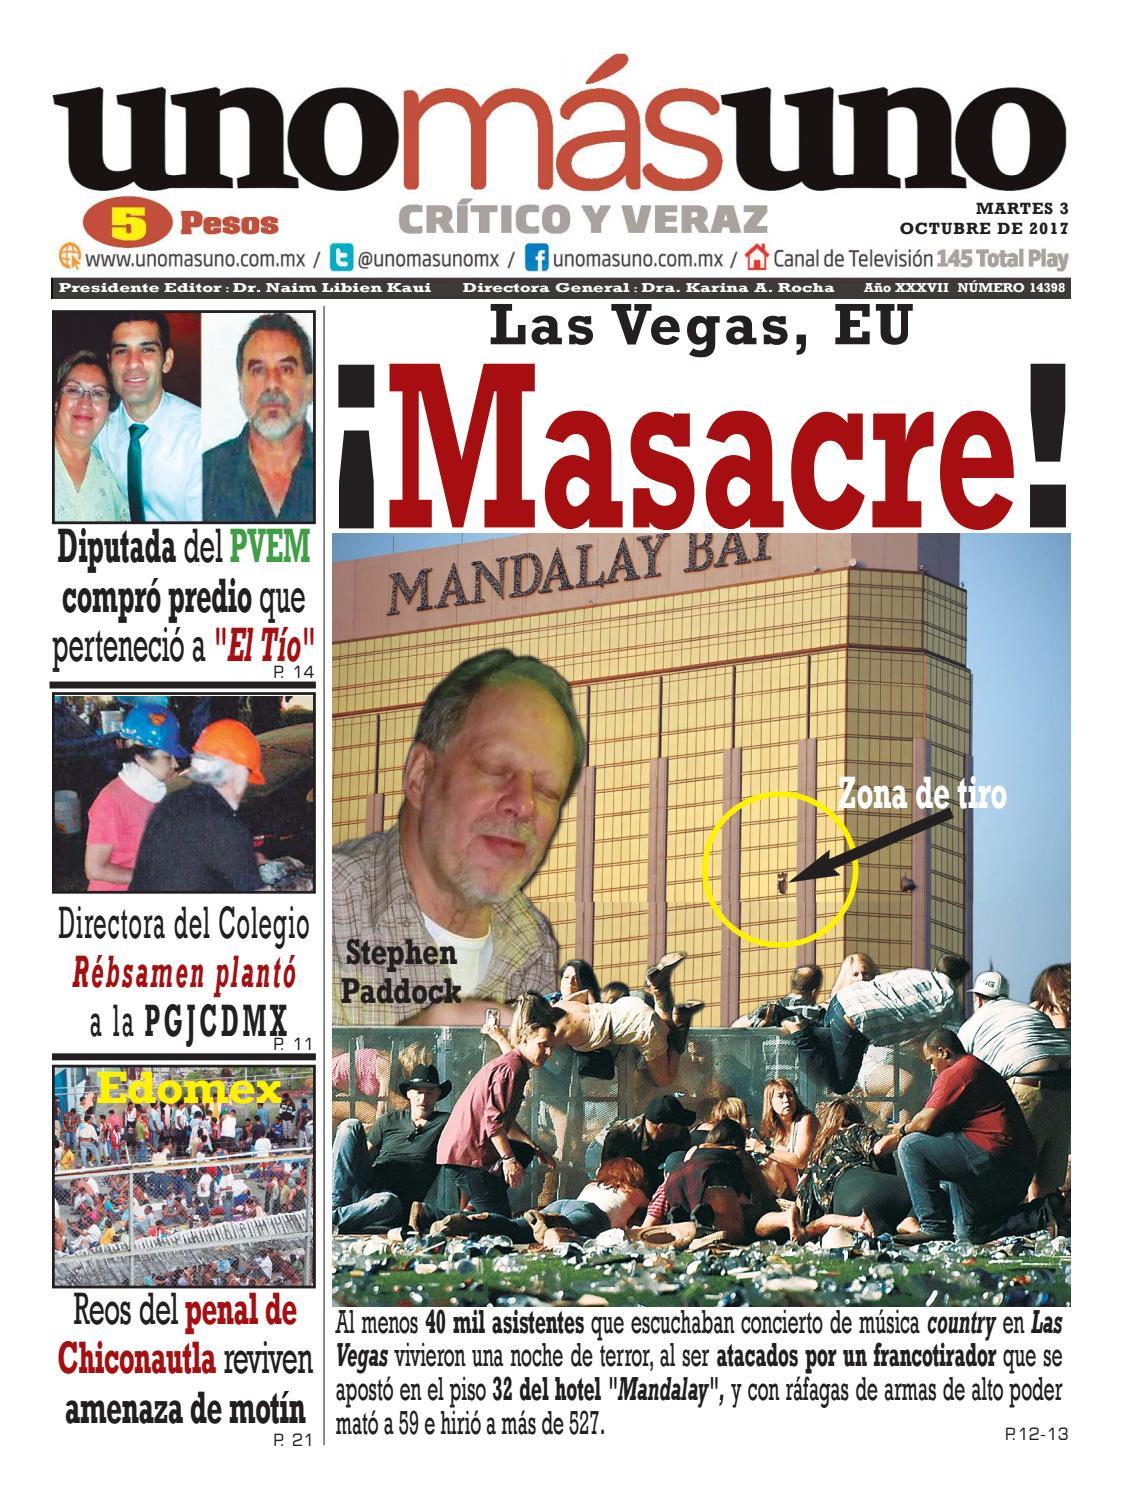 03 de Octubre 2017, ¡Masacre! Las Vegas, EU by unomásuno - issuu